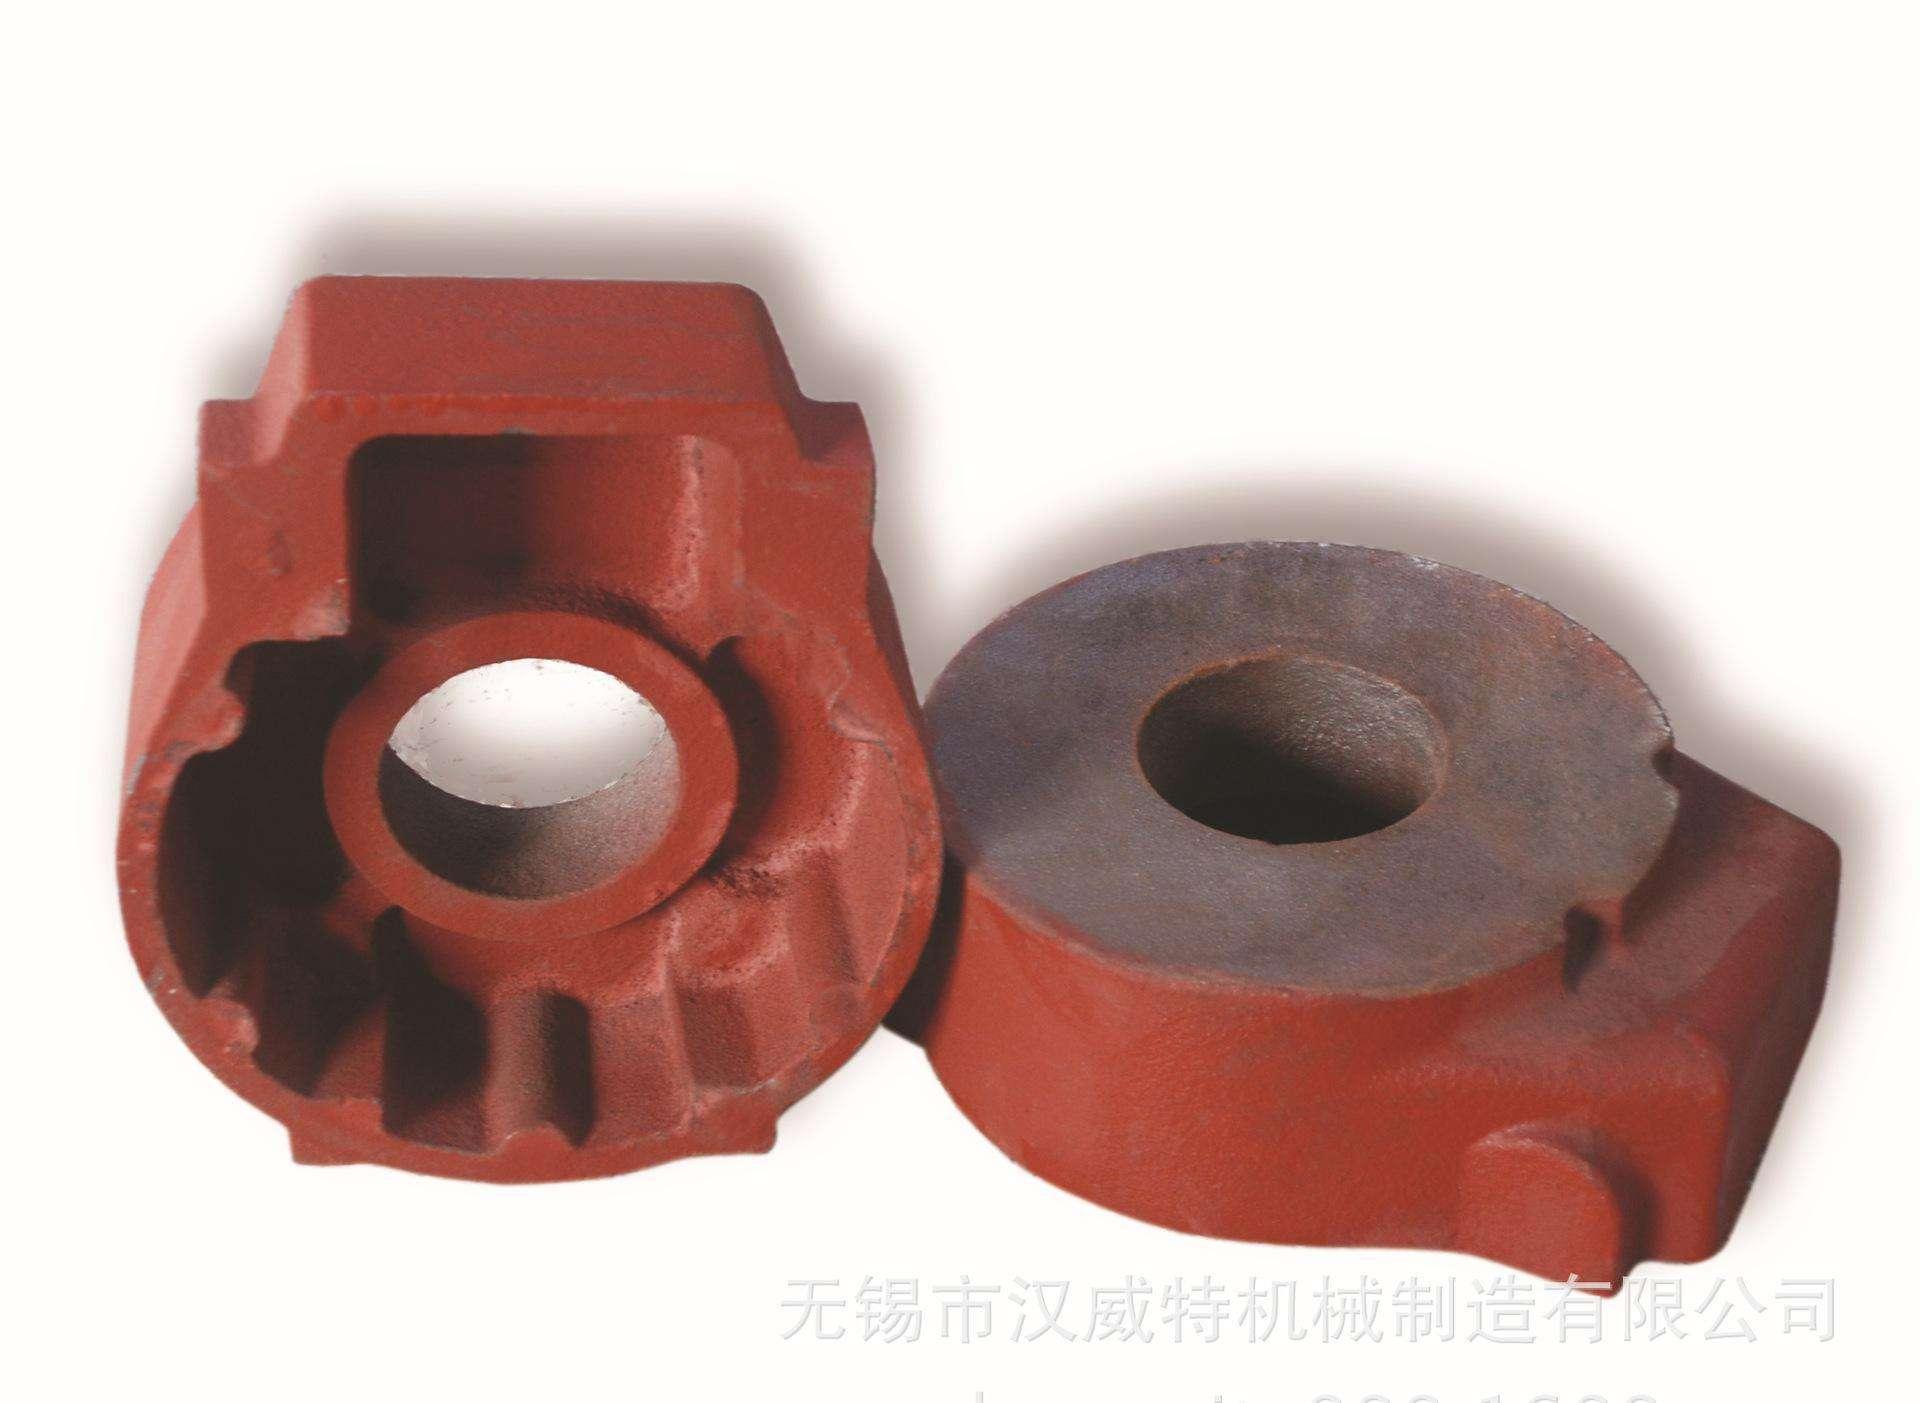 灰铁铸件铸造